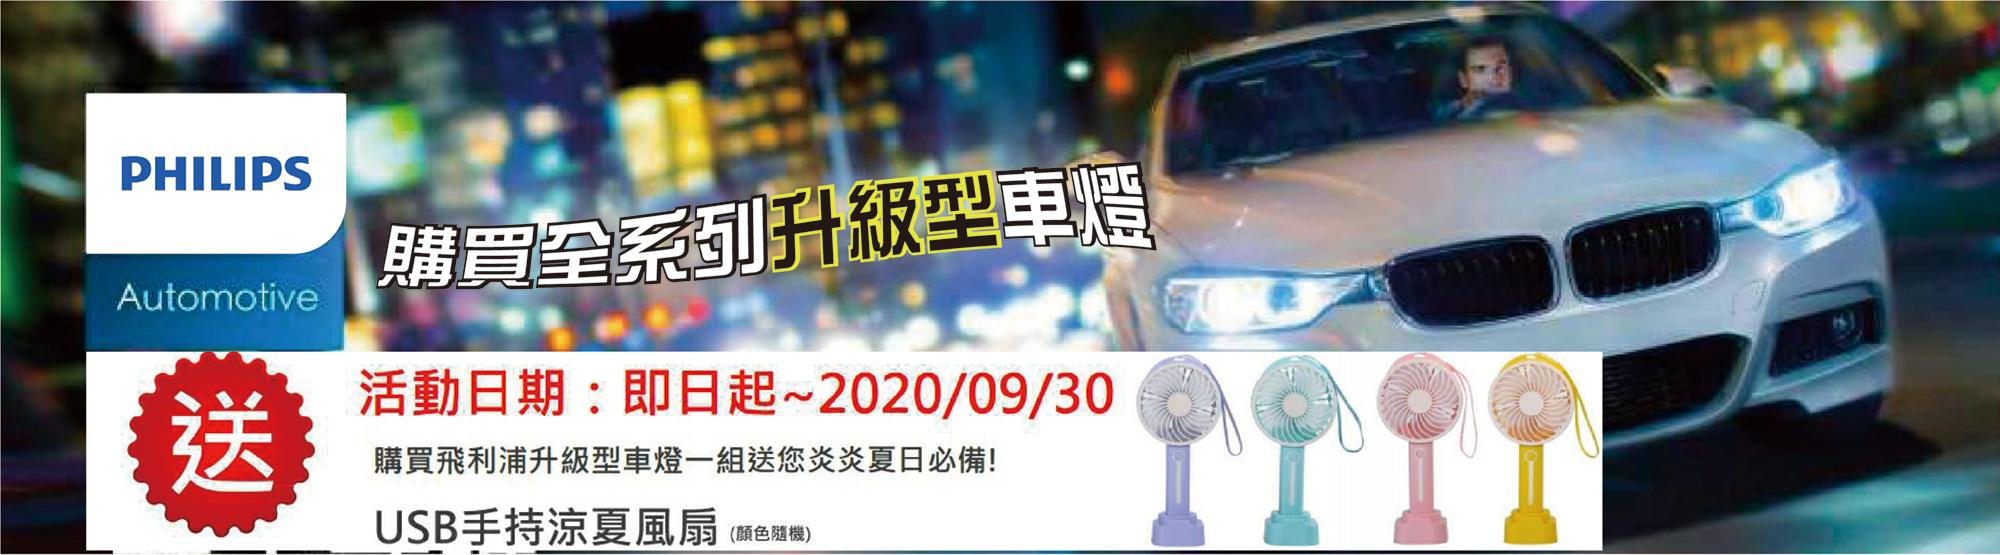 PHILIPS 飛利浦燈泡 購買升級型燈泡送USB 手持涼夏風扇壹只